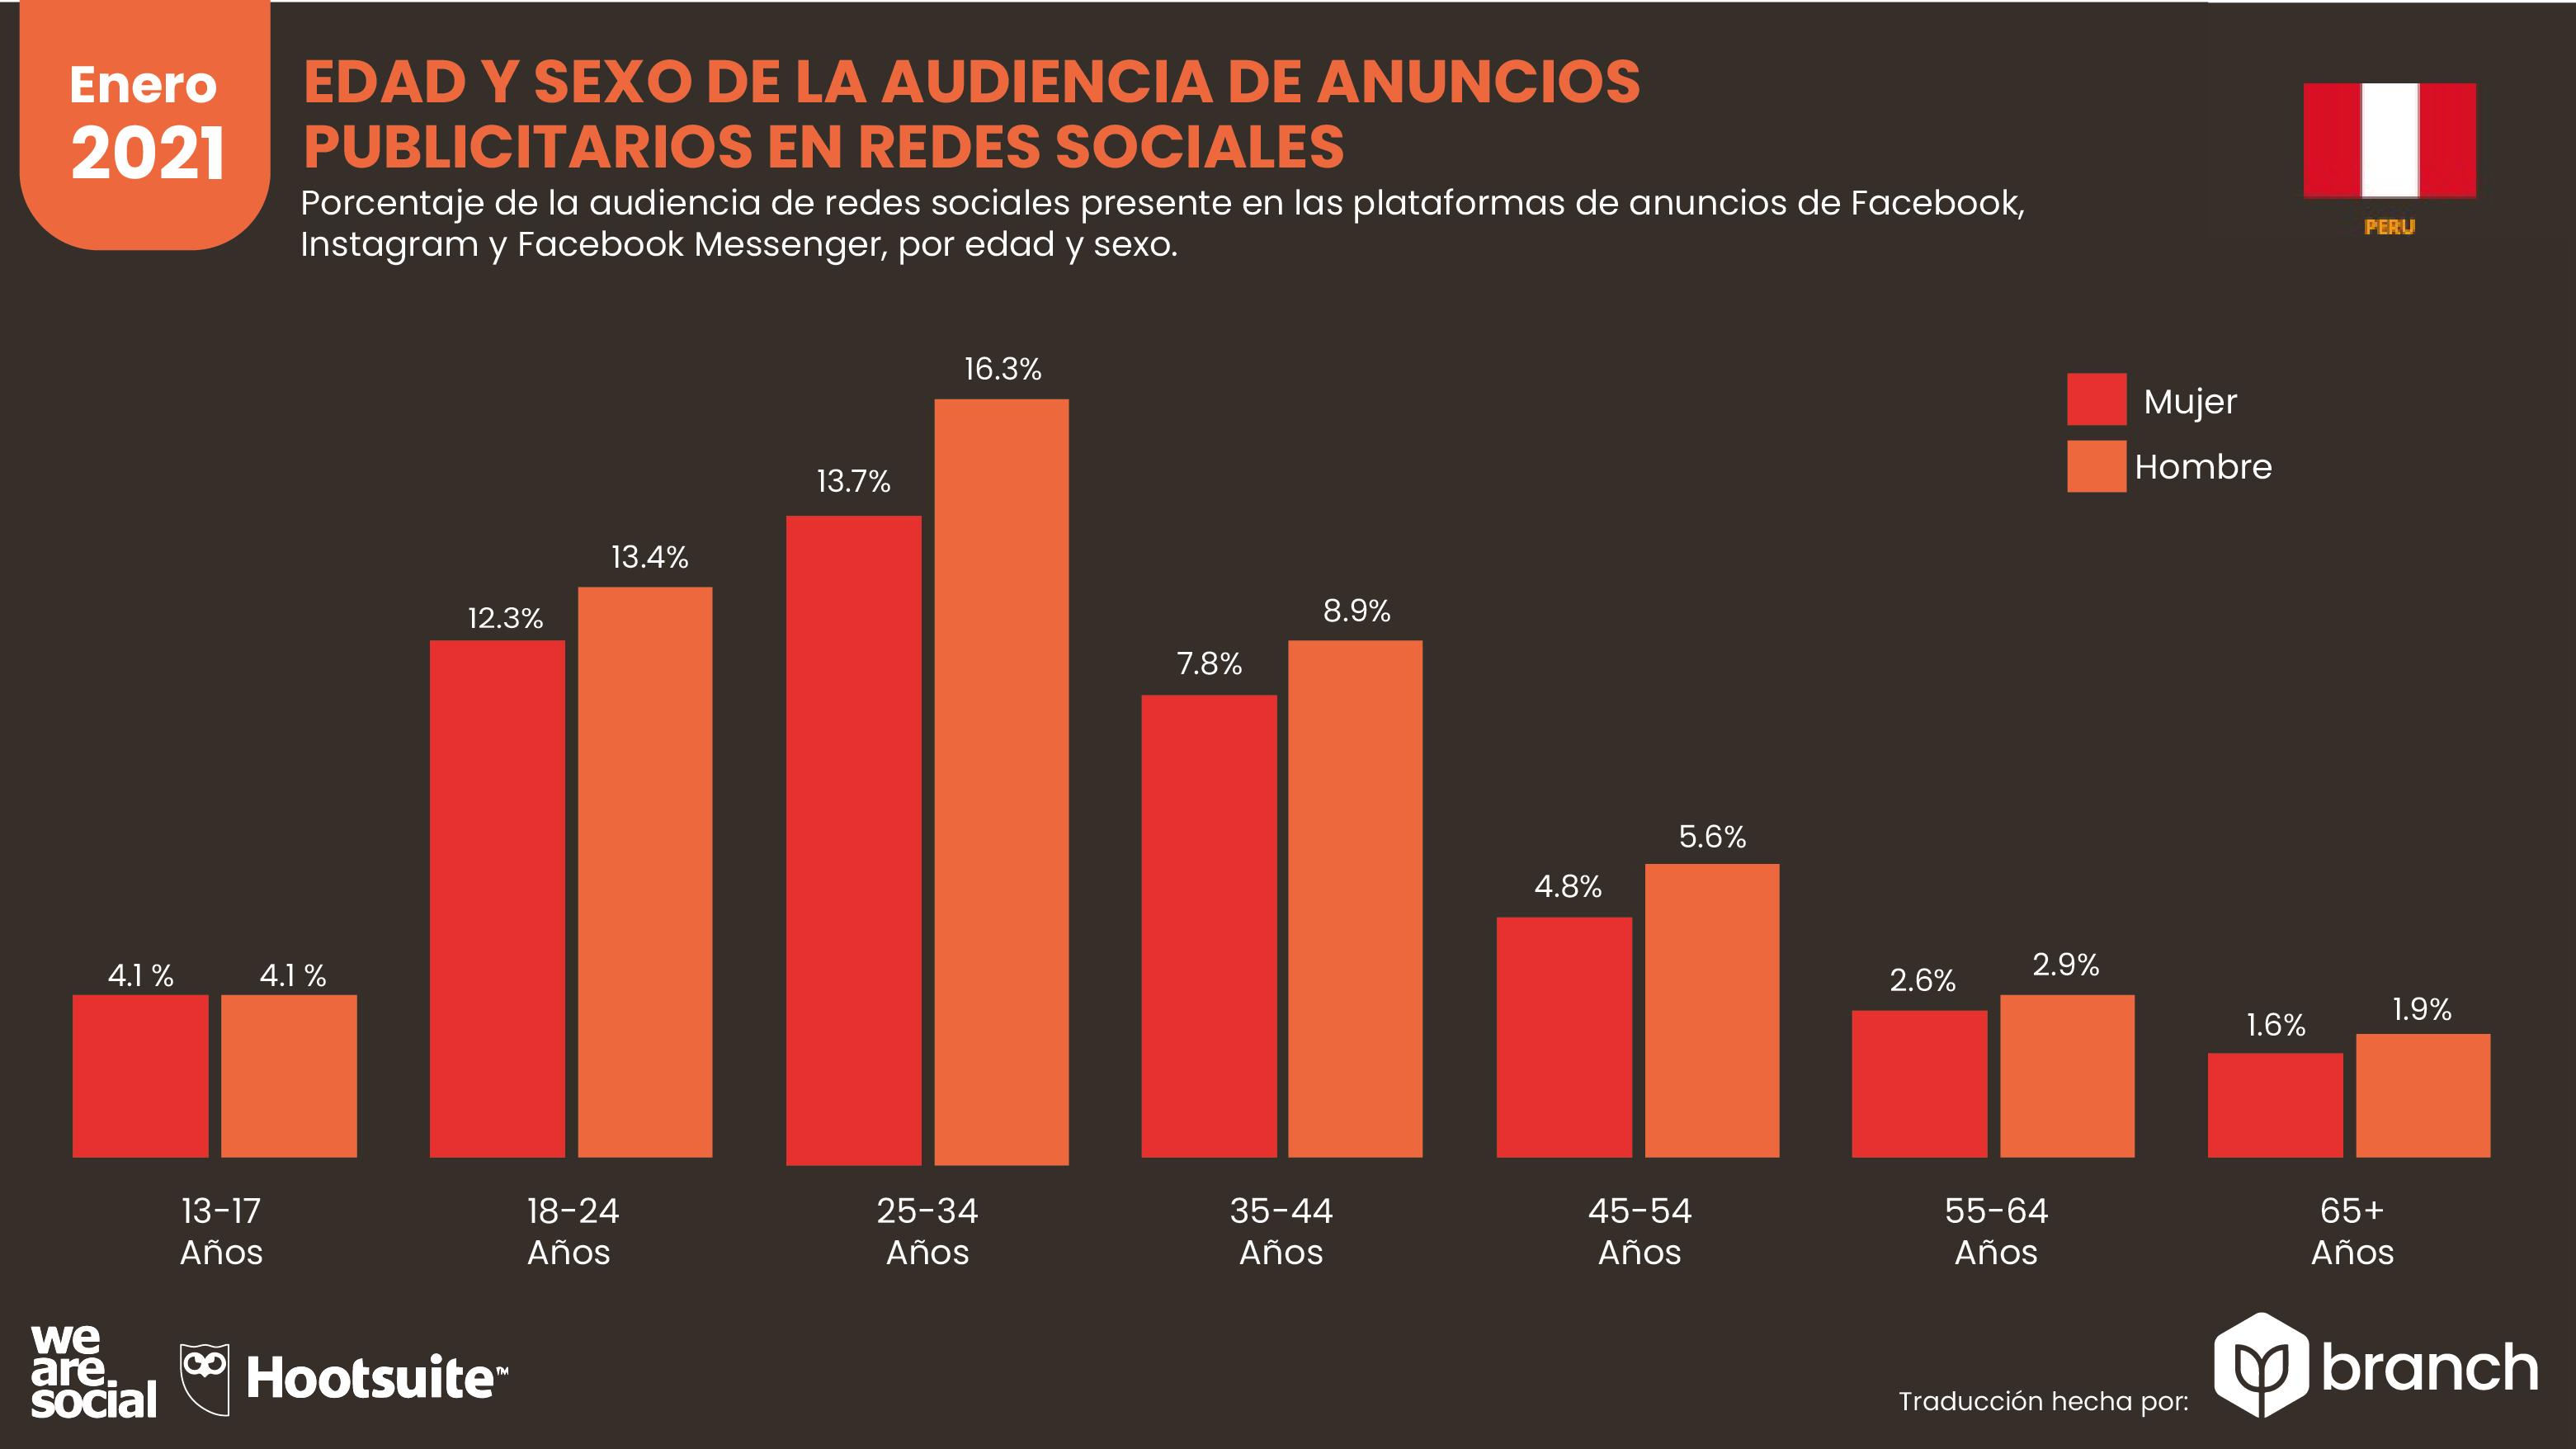 edad-y-sexo-de-la-audiencia-de-anuncios-publicitarios-peru-2020-2021